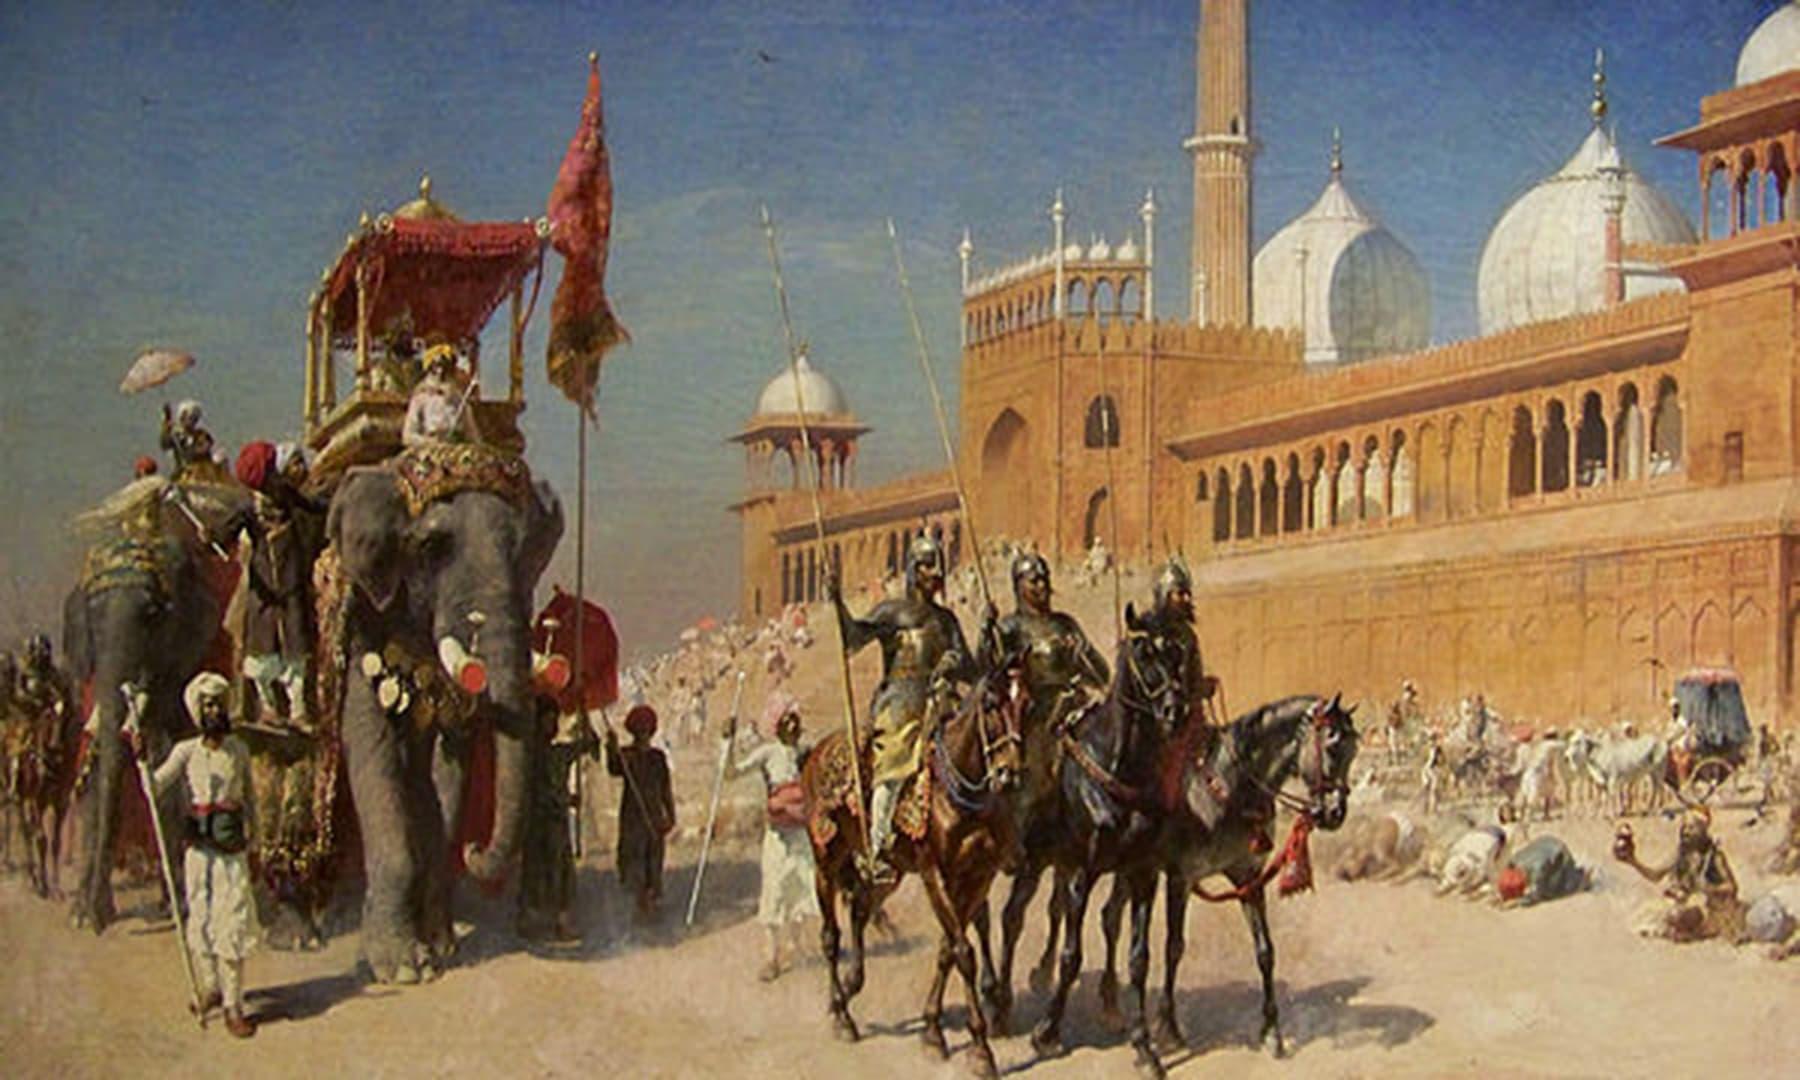 مغل شہنشاہ کے قافلے کی جامع مسجد دہلی سے واپسی کا ایک منظر—آئل پینٹنگ Edwin Lord Weeks